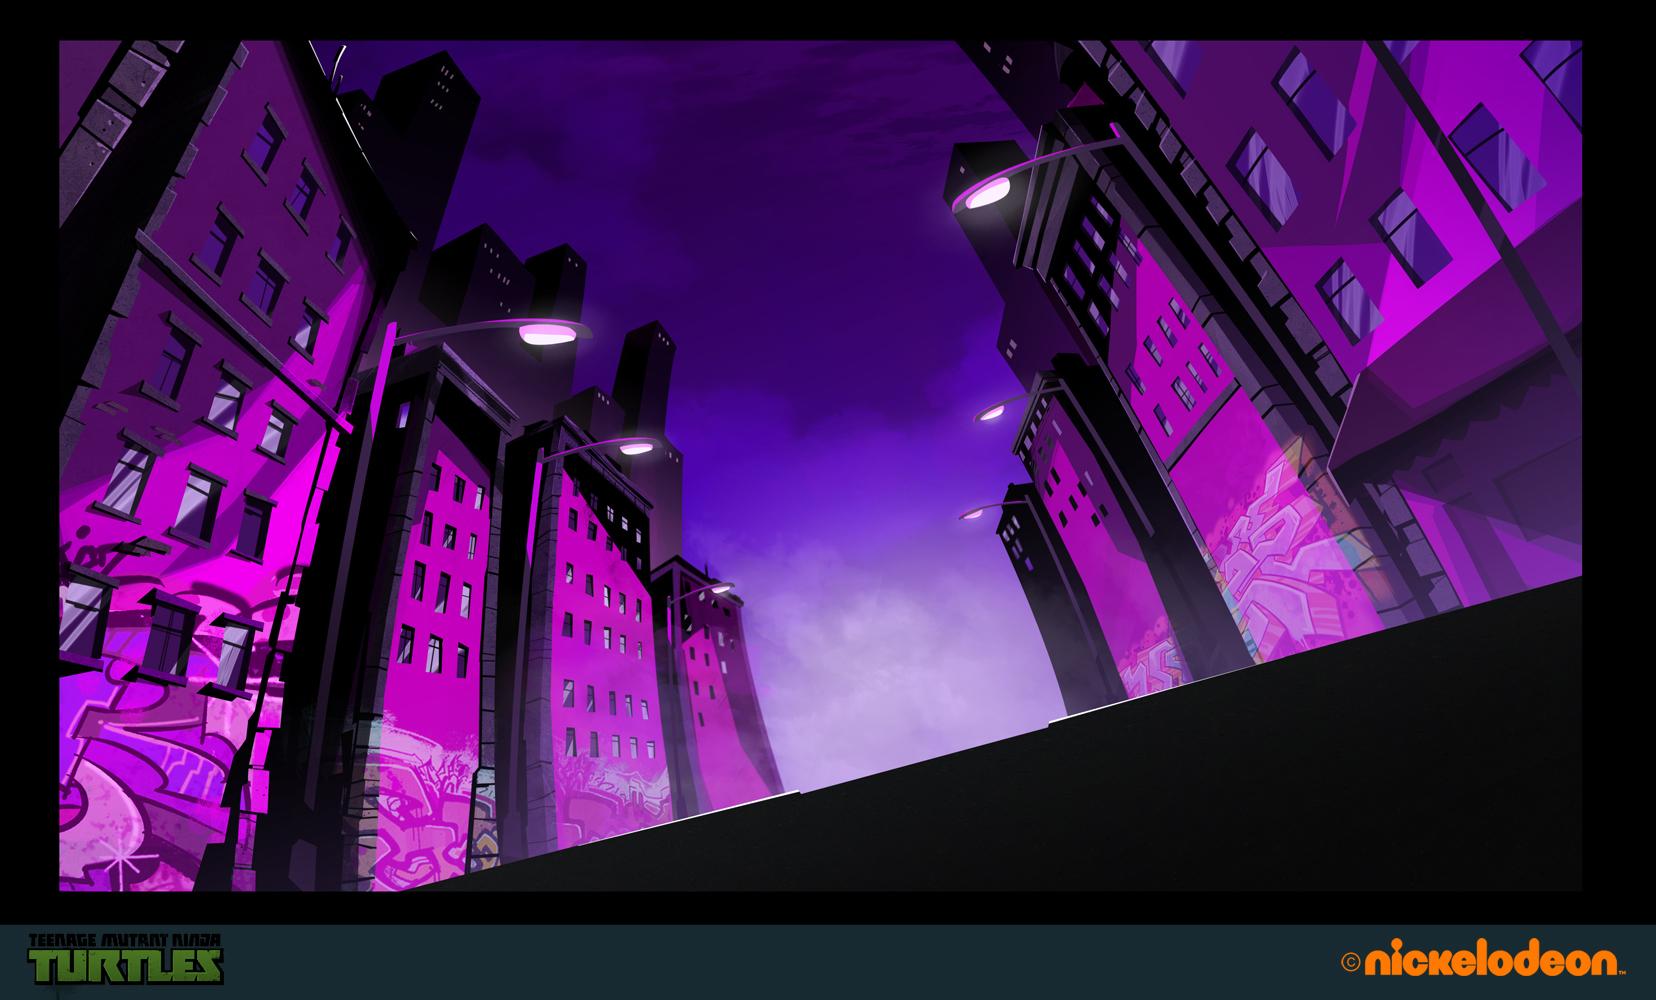 Main_Title_City_ext_paint0 copy.jpg